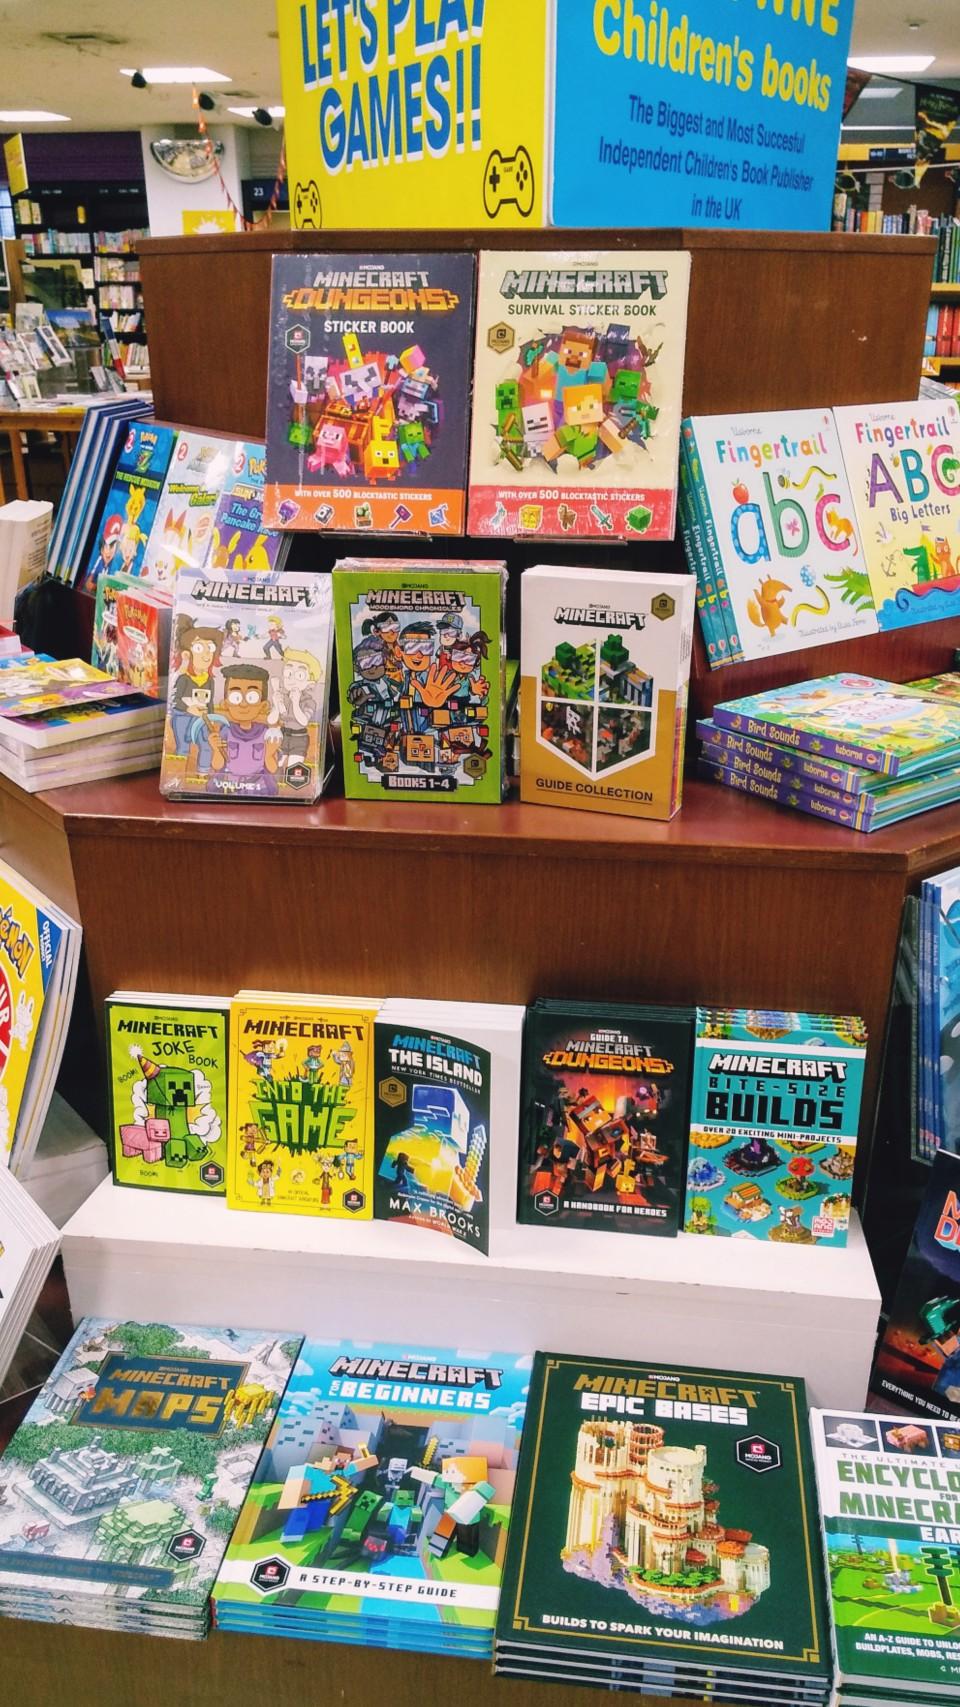 紀伊國屋書店:Let's Play Games ゲーム関連の児童洋書